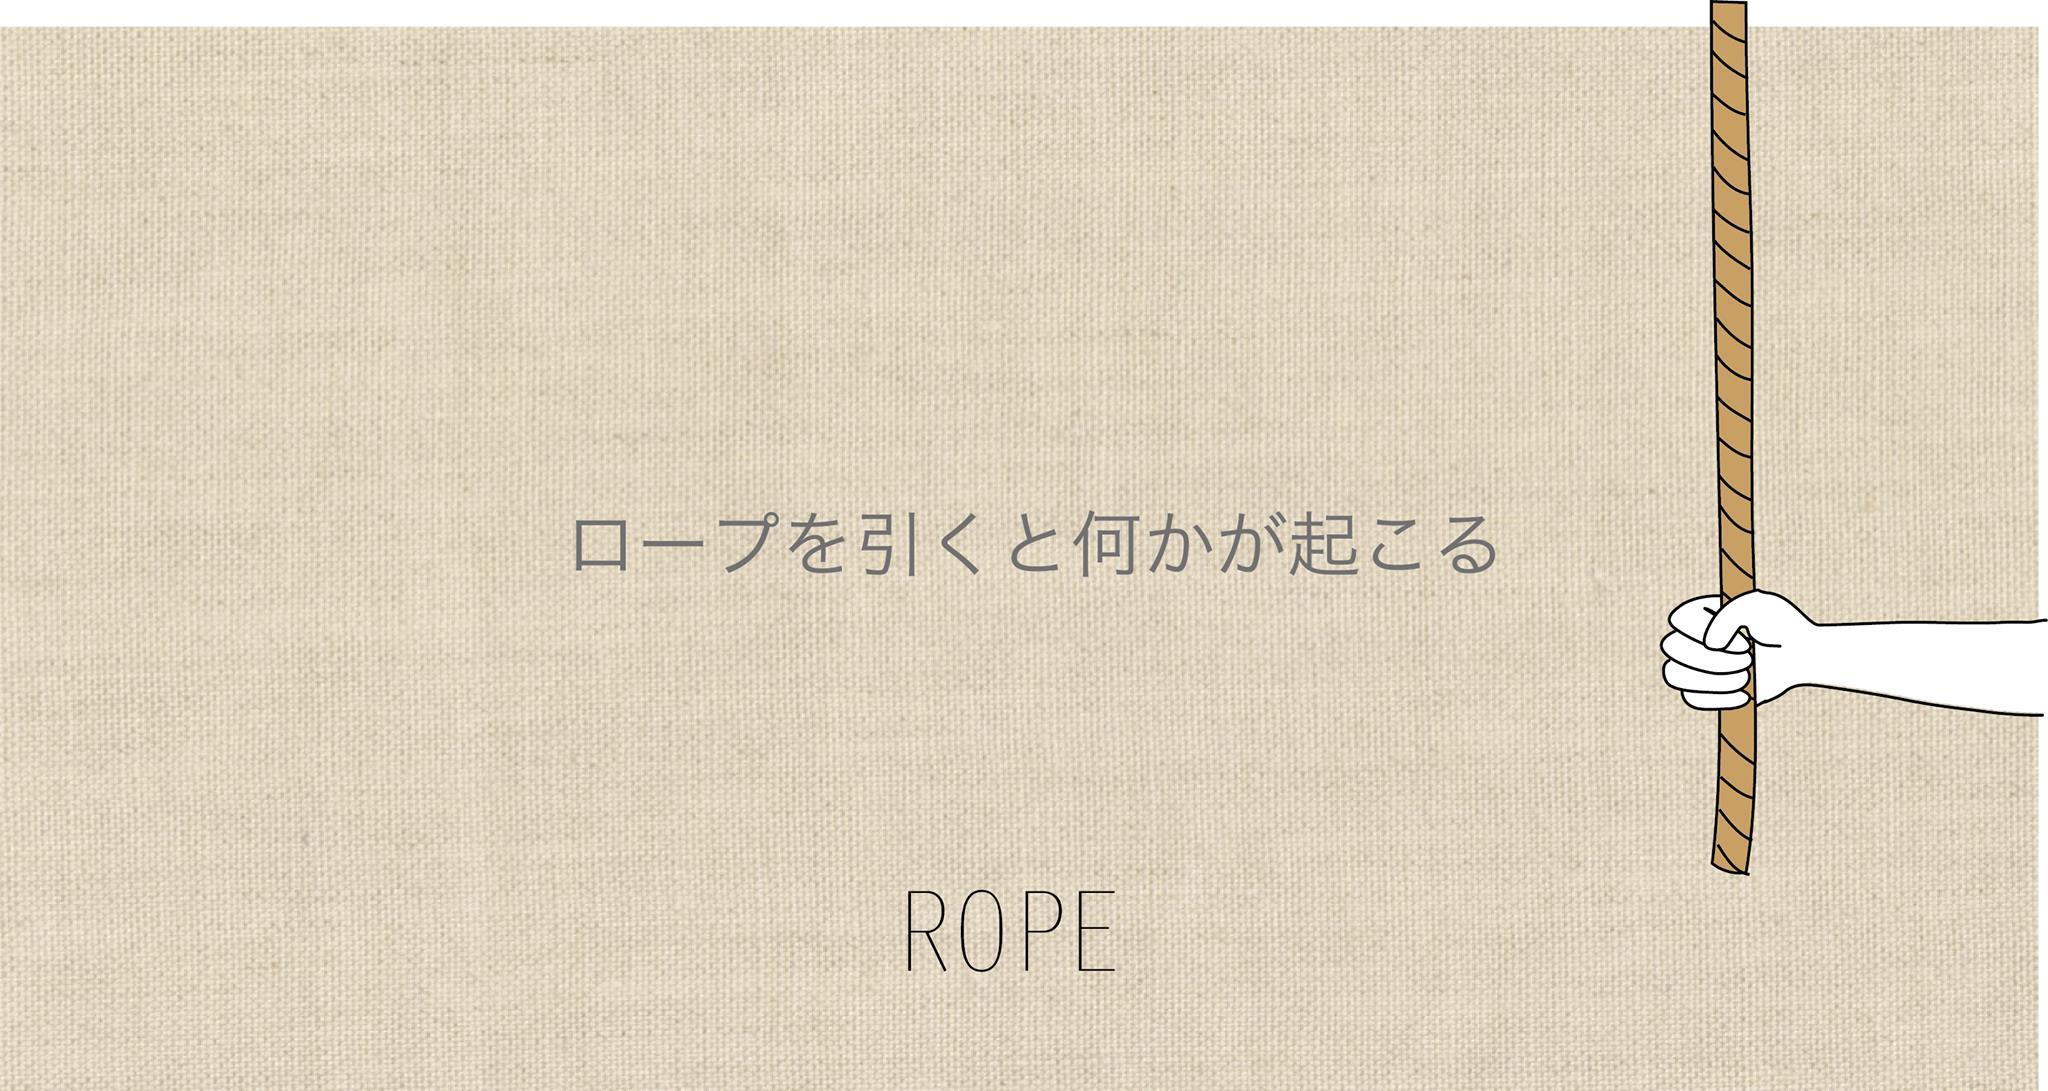 【ROPE】っていうイノベーター達の話